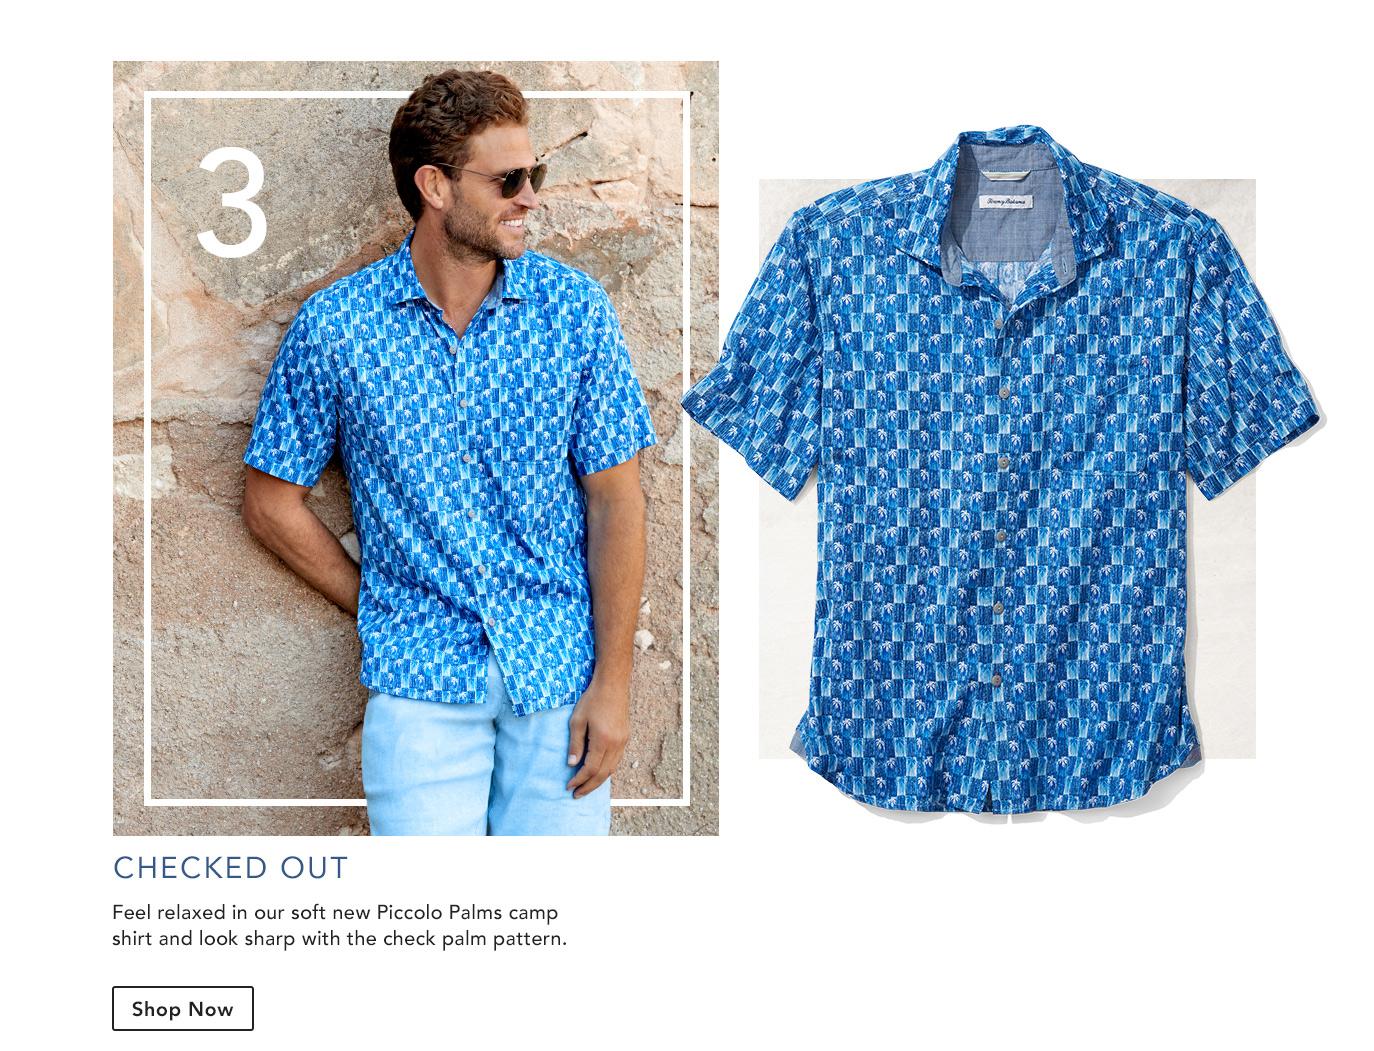 c1b294d901b90 Men s Shirts – View All